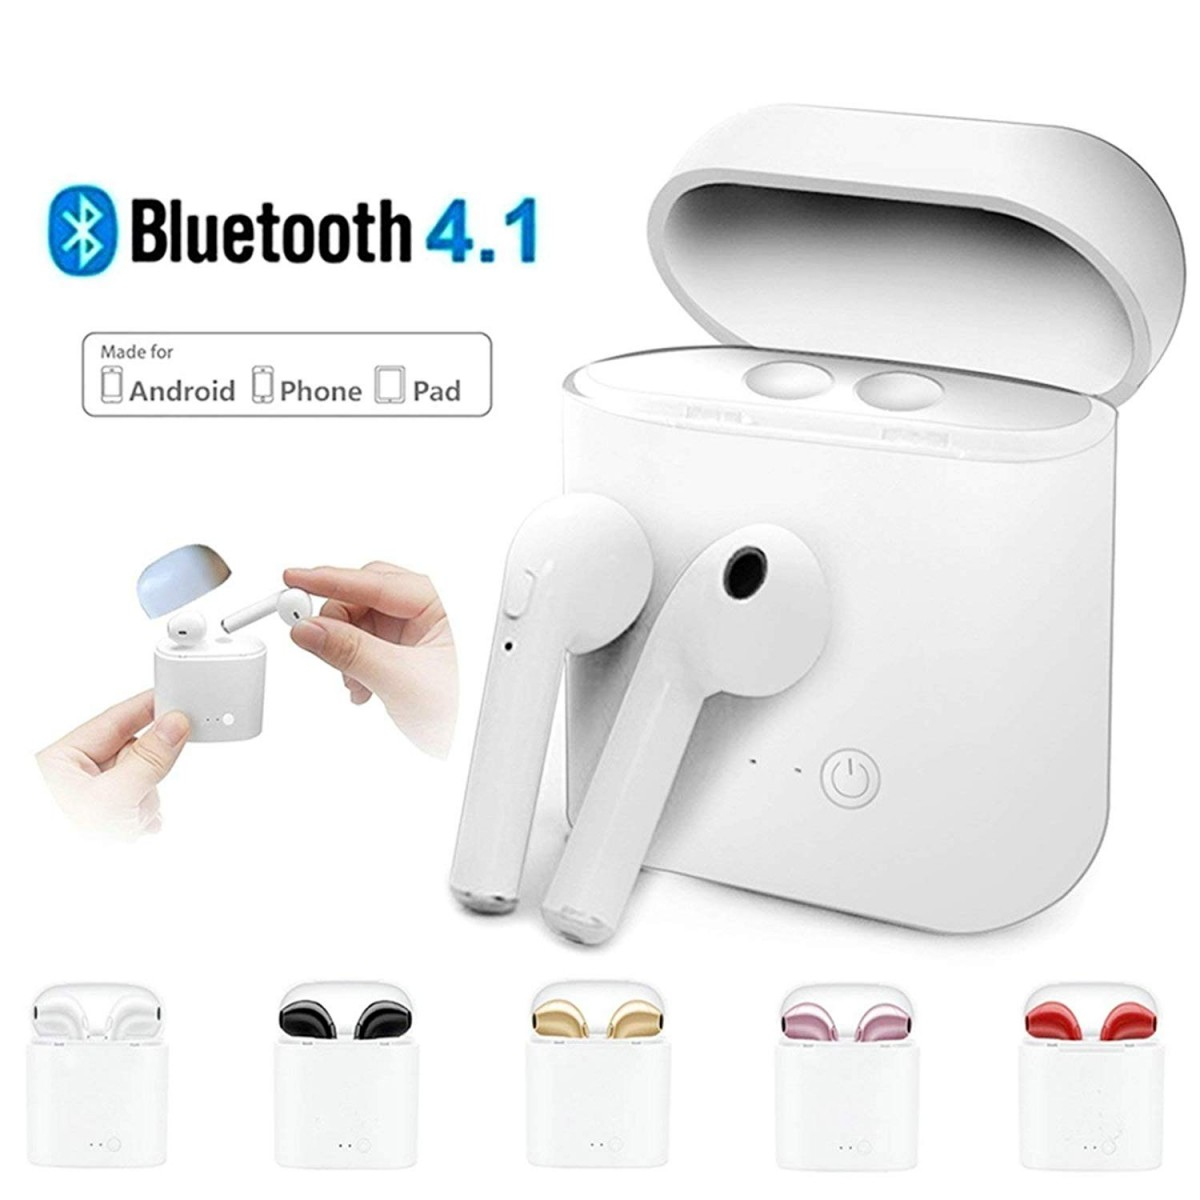 Bezdrátová bluetooth sluchátka AirPods i7S TWS + nabíjecí krabička